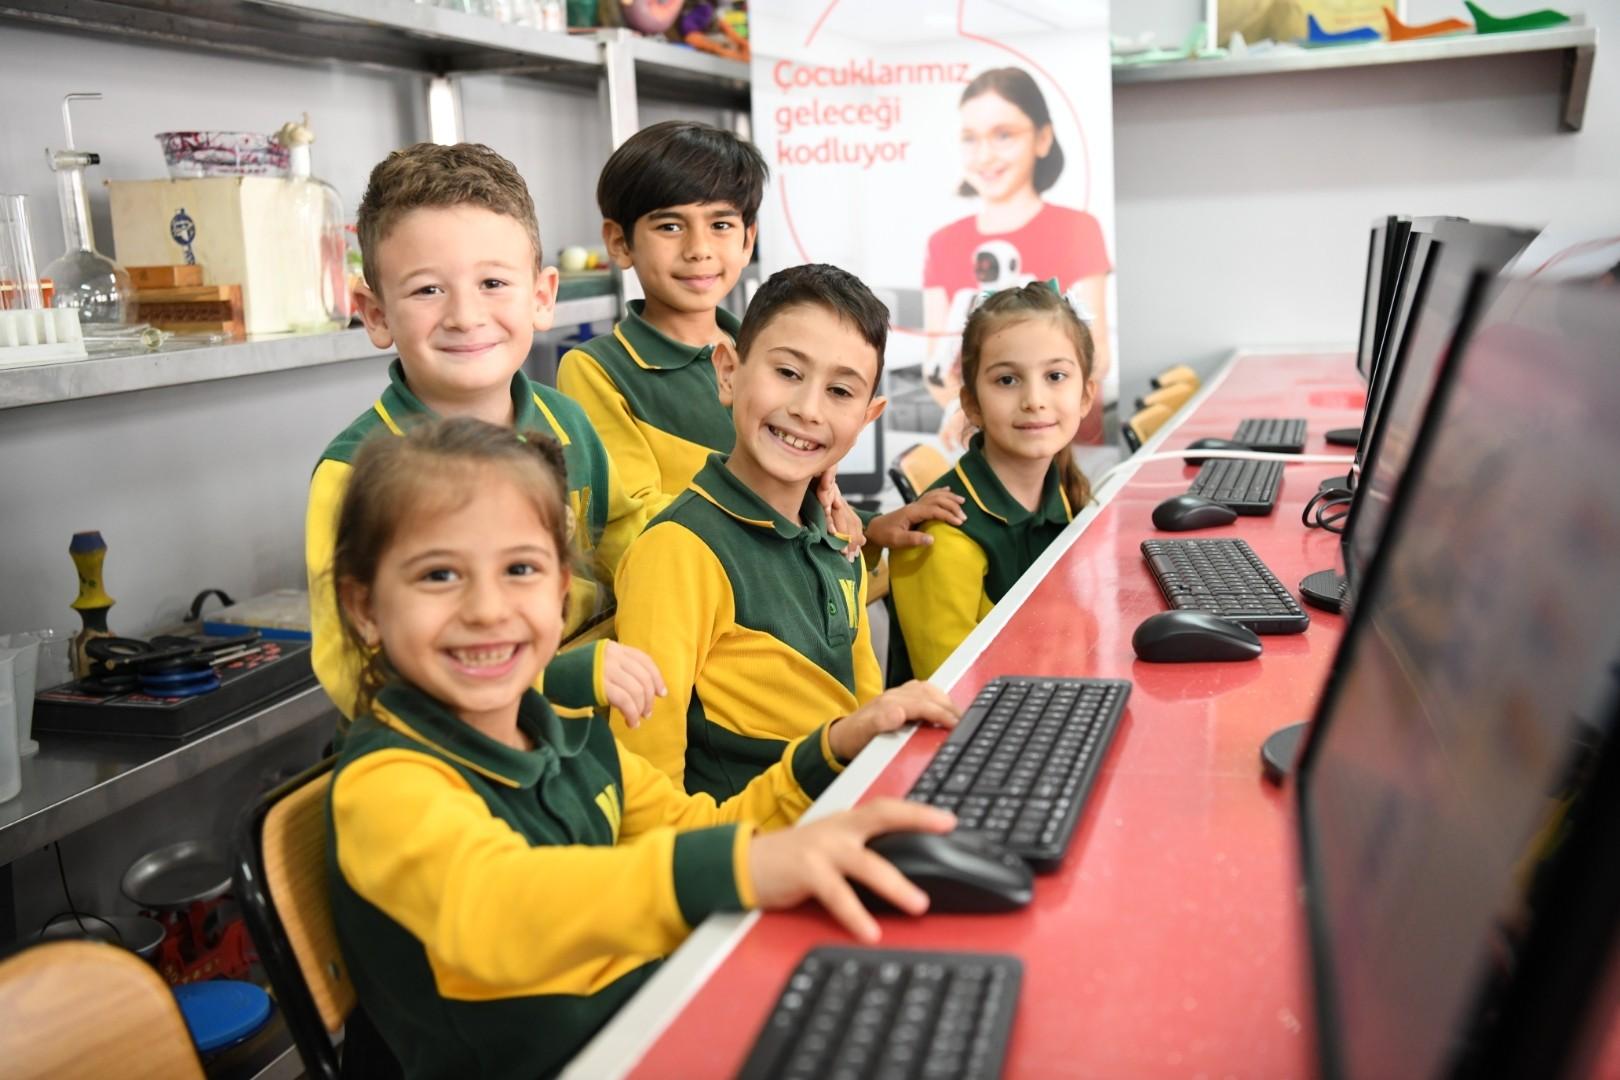 Teknoloji sınıflarının kurulacağı iller açıklandı!